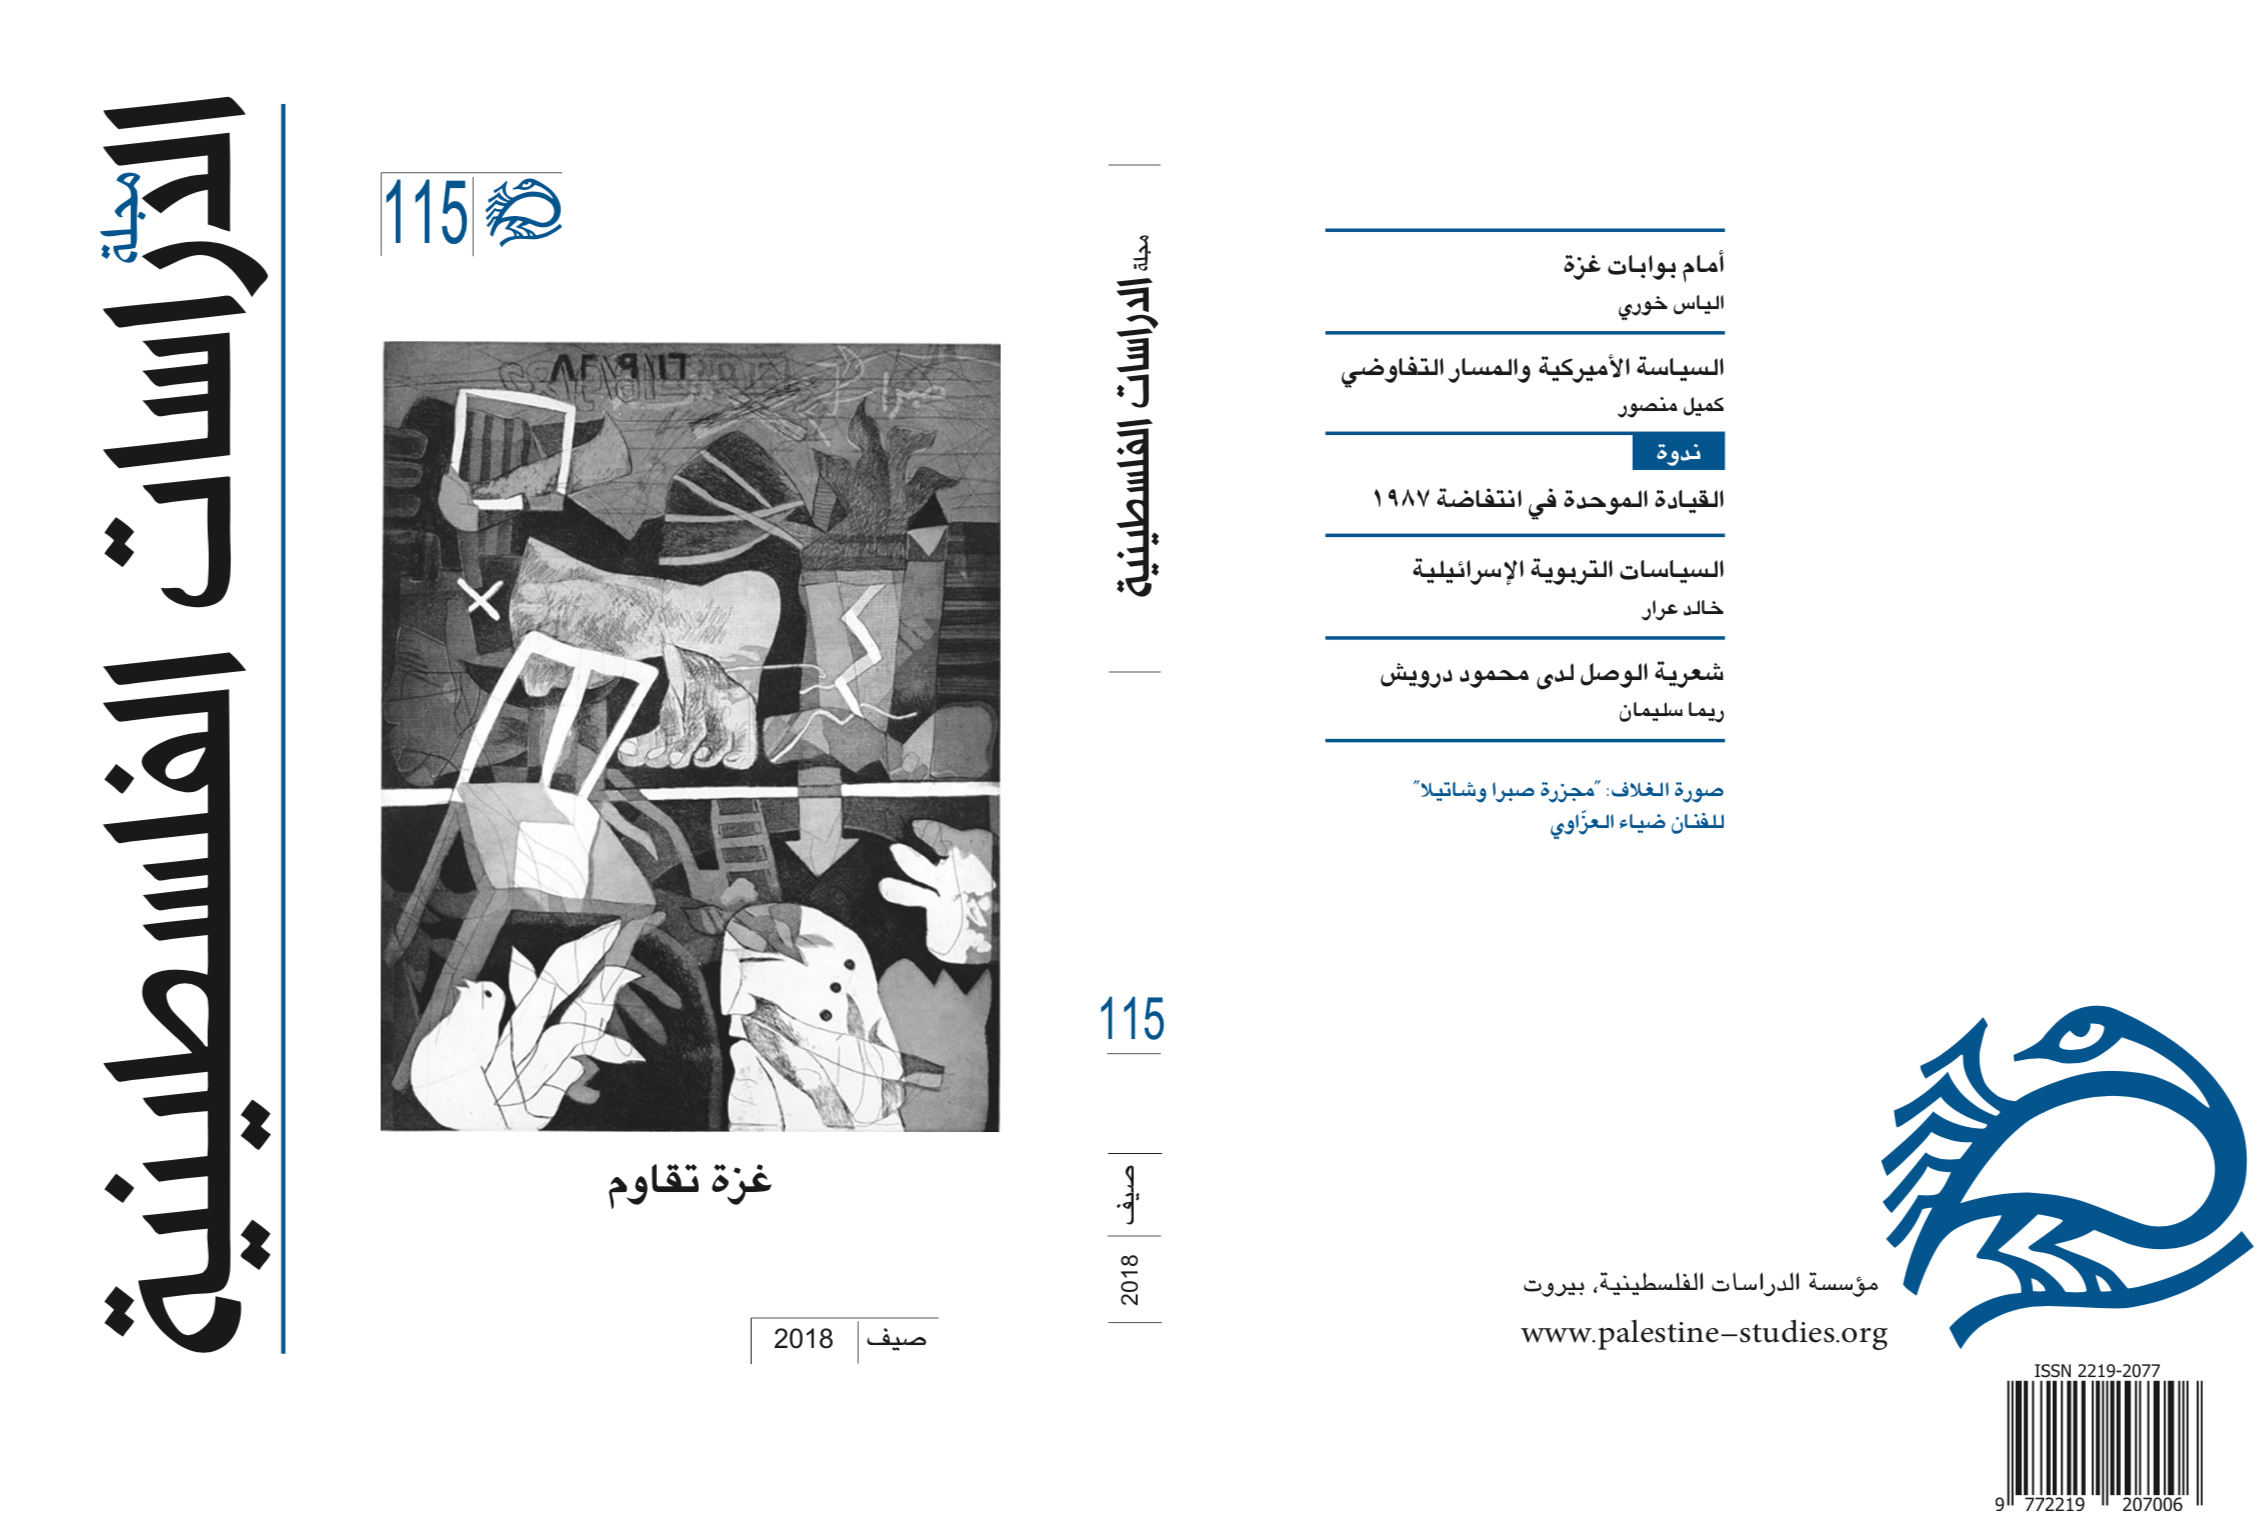 صدر العدد 115، صيف 2018، من مجلة الدراسات الفلسطينية